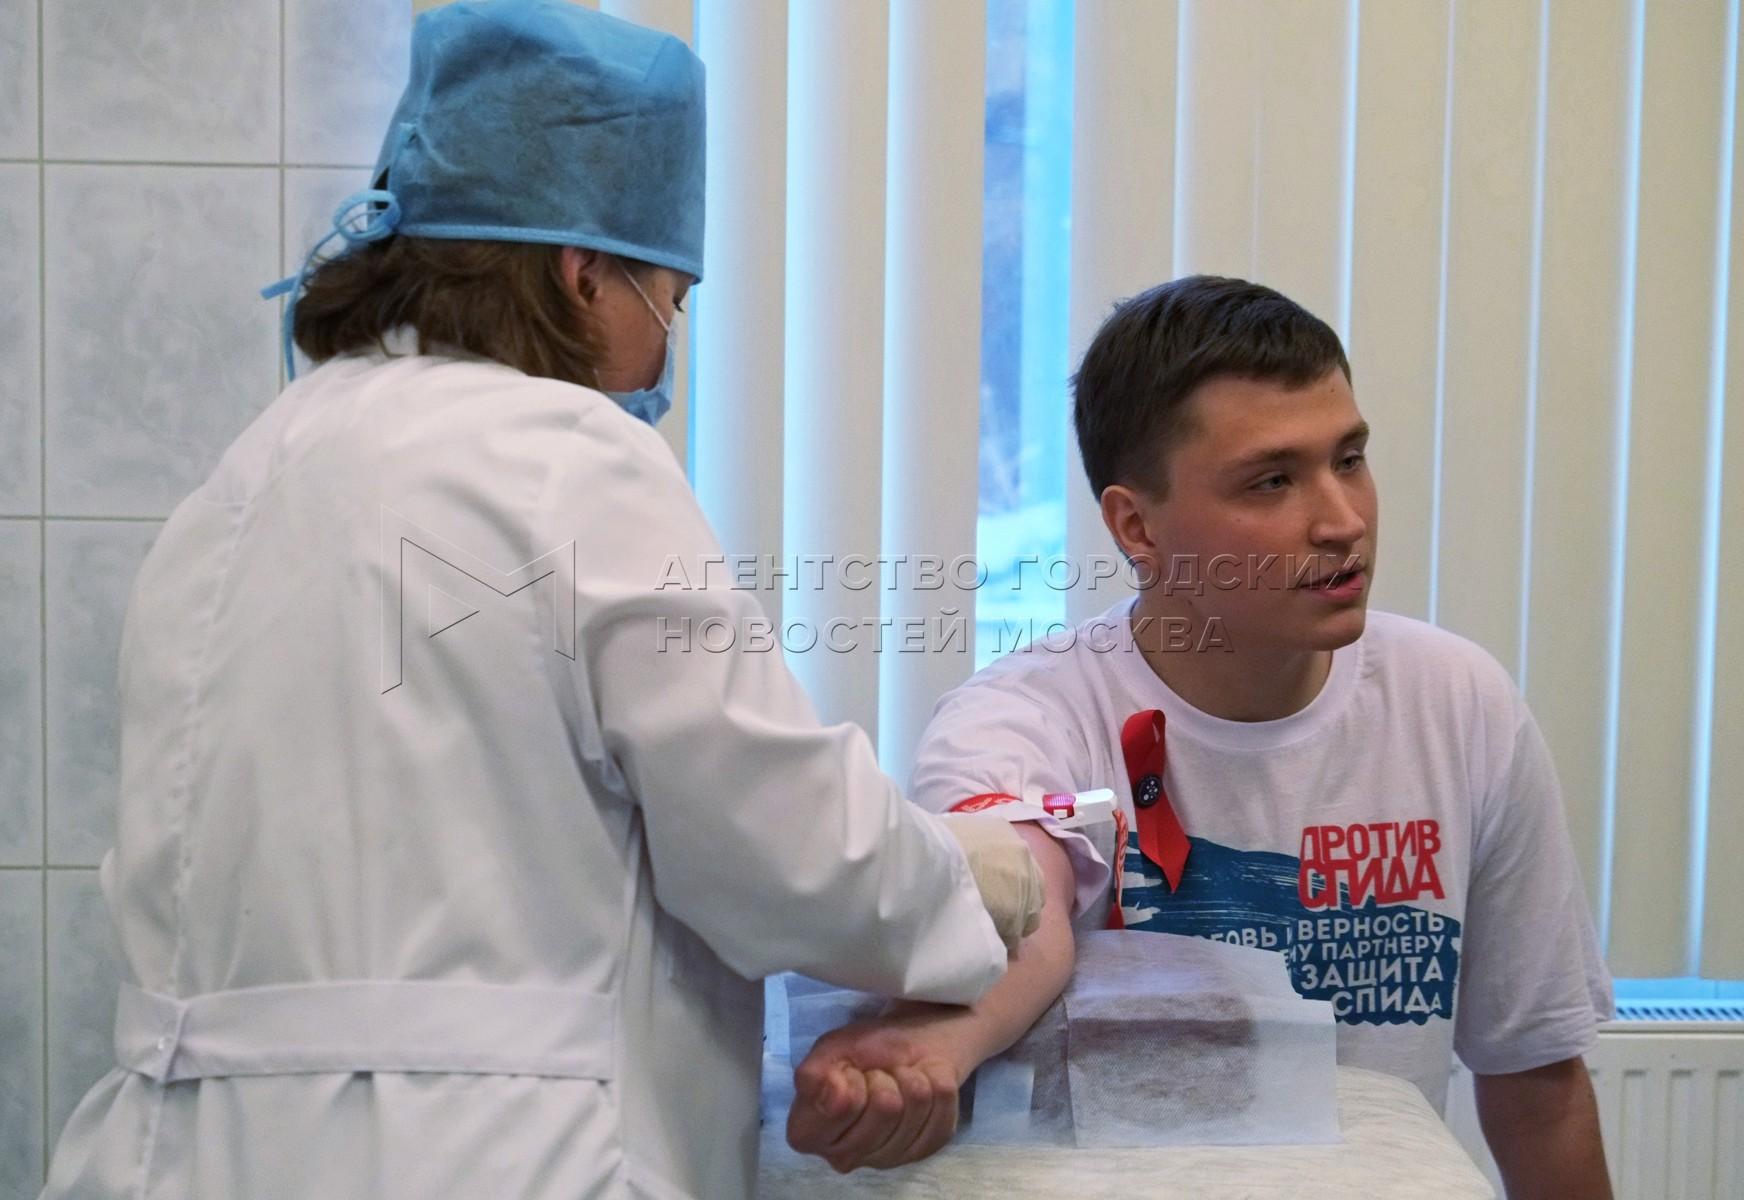 Акция в рамках Всероссийского дня тестирования на ВИЧ в городской поликлинике №12